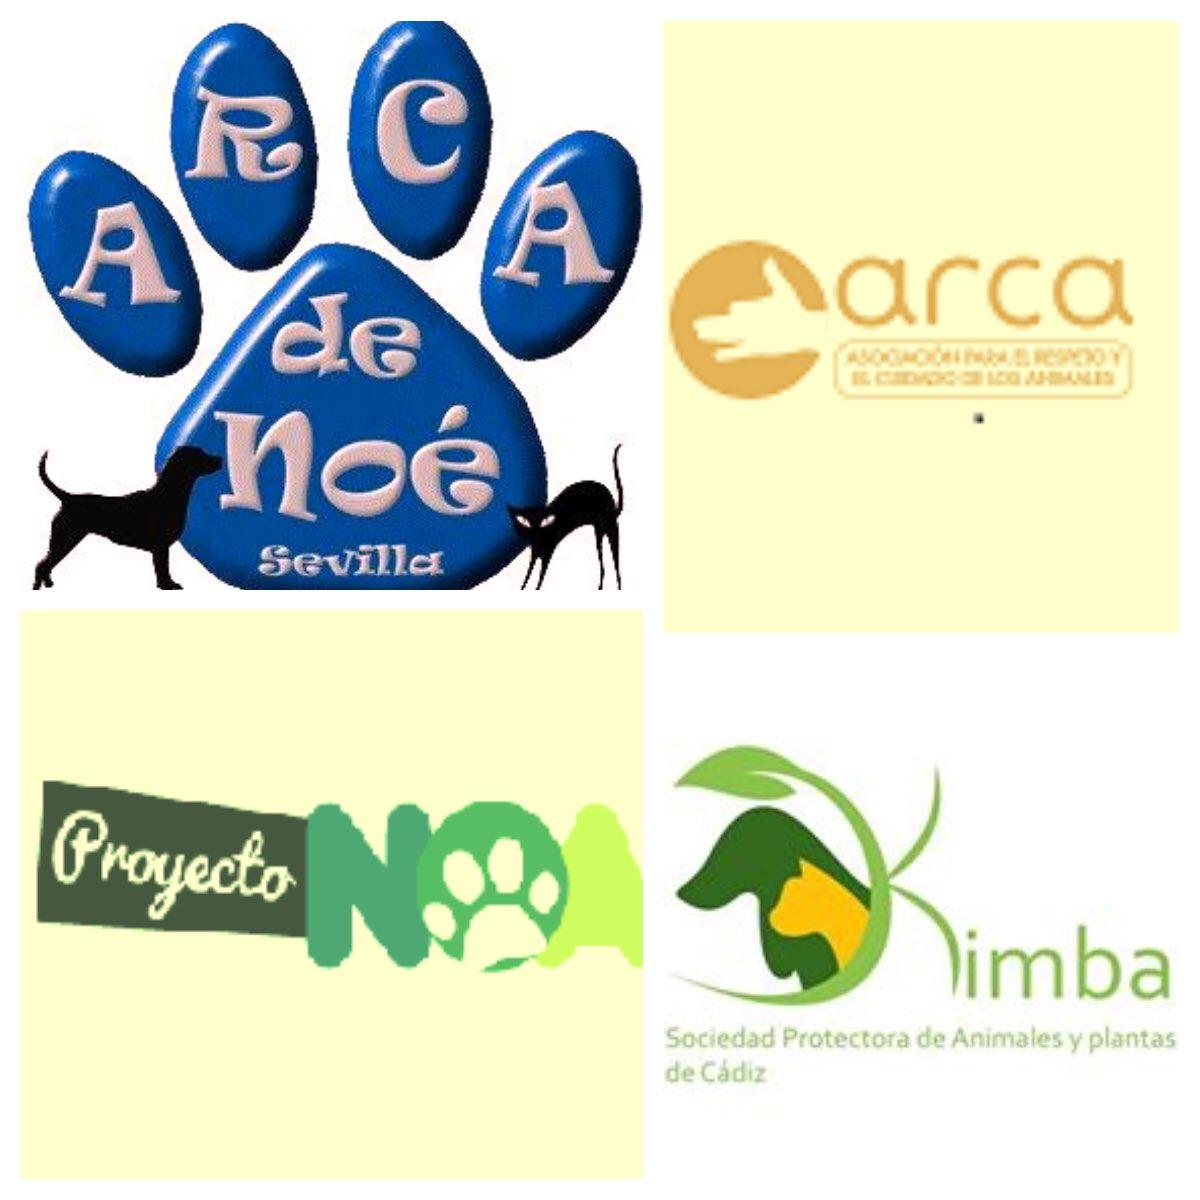 #Ayudameaayudar El jueves cumplo 50 años y quiero celebrarlo colaborando con 4 protectoras de animales. Si consigo 5.000 rt's les haré 1 aportación económica y habré conseguido lo más importante,darlas a conocer @ProyectoNoa @ArcadeNoeSevill @Arca_Sevilla @RefugioKimba 🐶🐱